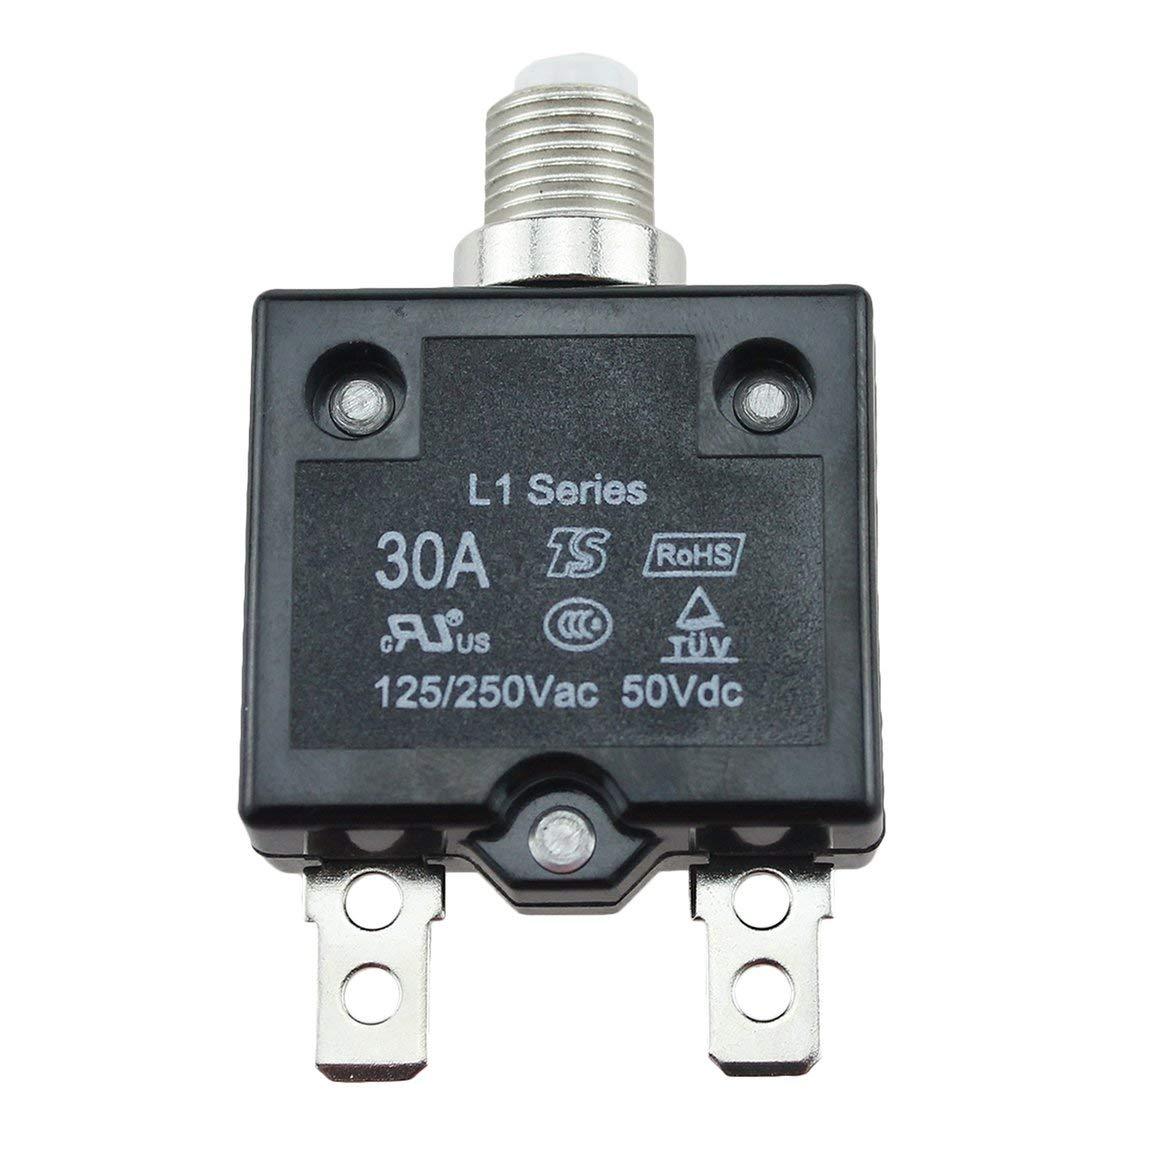 Funnyrunstore 5A 15A 20A 30A Disyuntor a prueba de agua Bot/ón pulsador de restauraci/ón de fusibles t/érmicos Disyuntor Montaje en panel 5A 10A